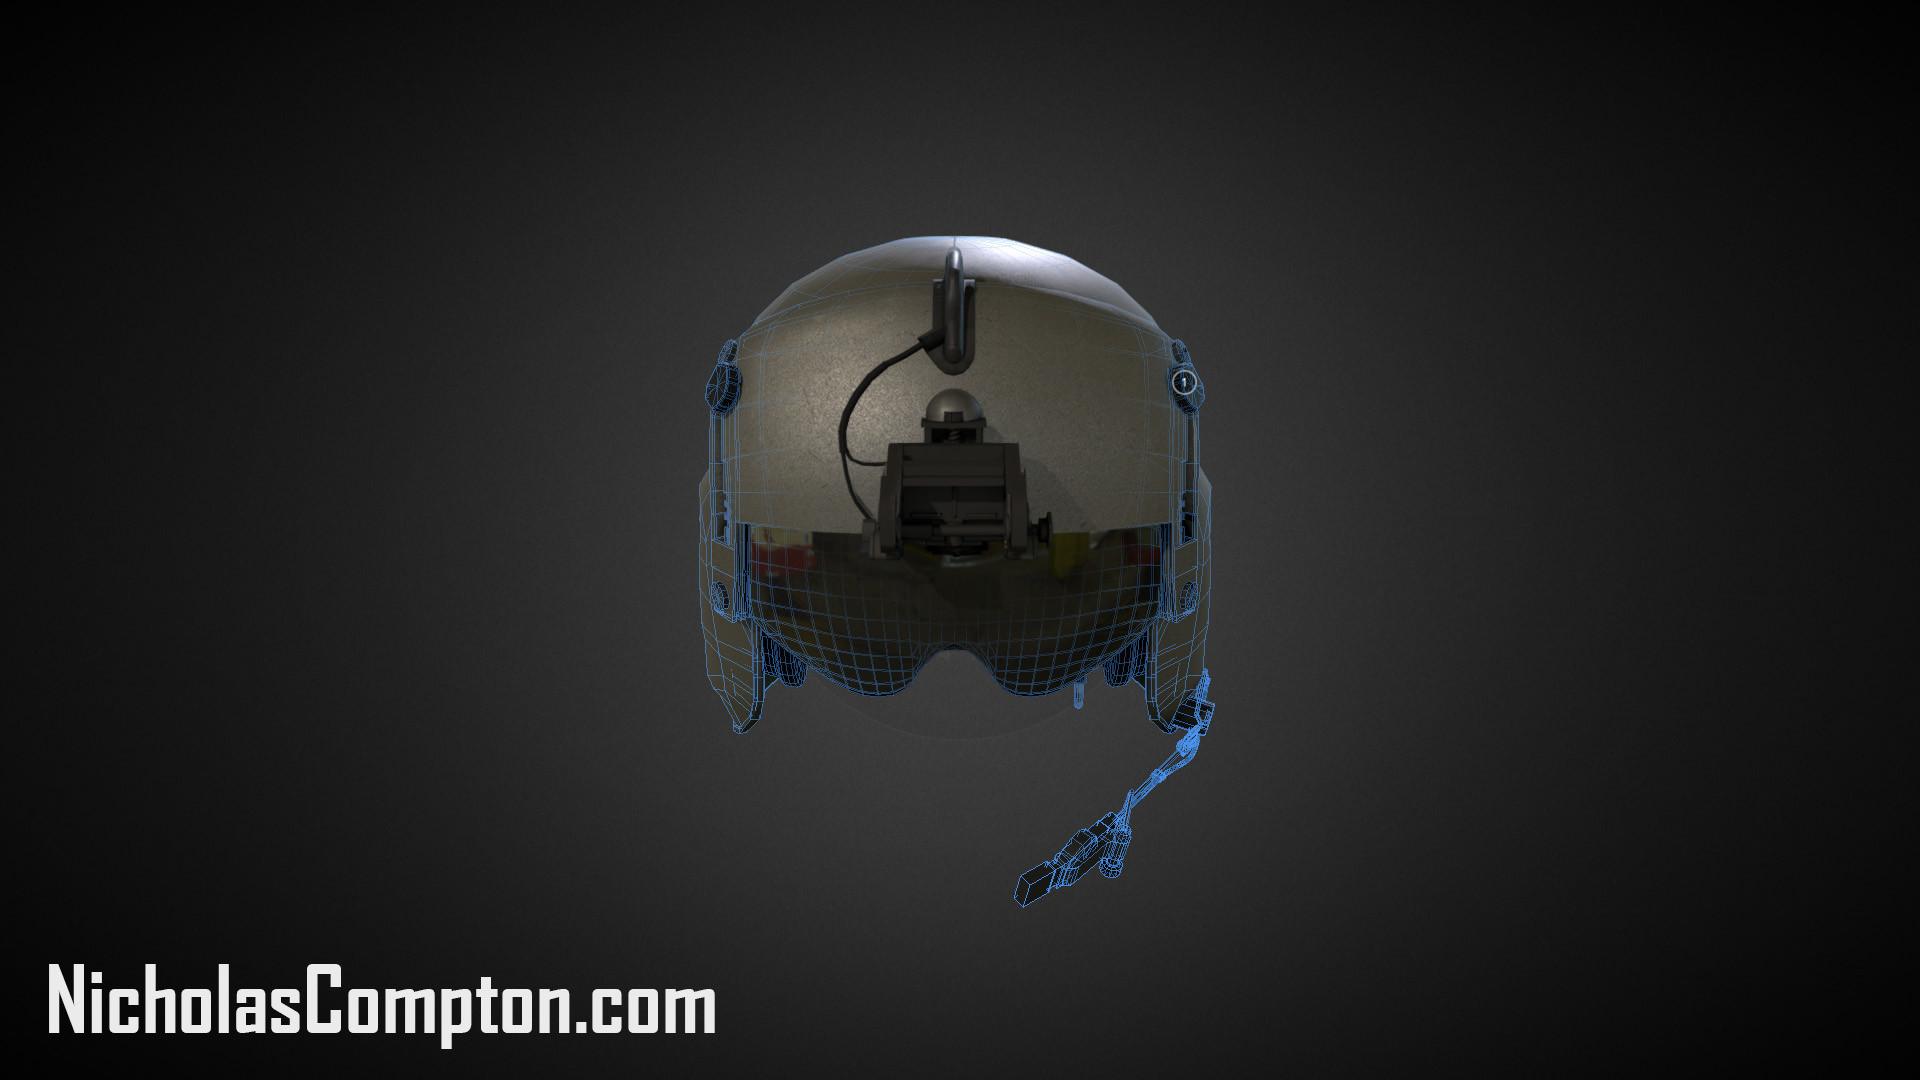 Nick compton helmet